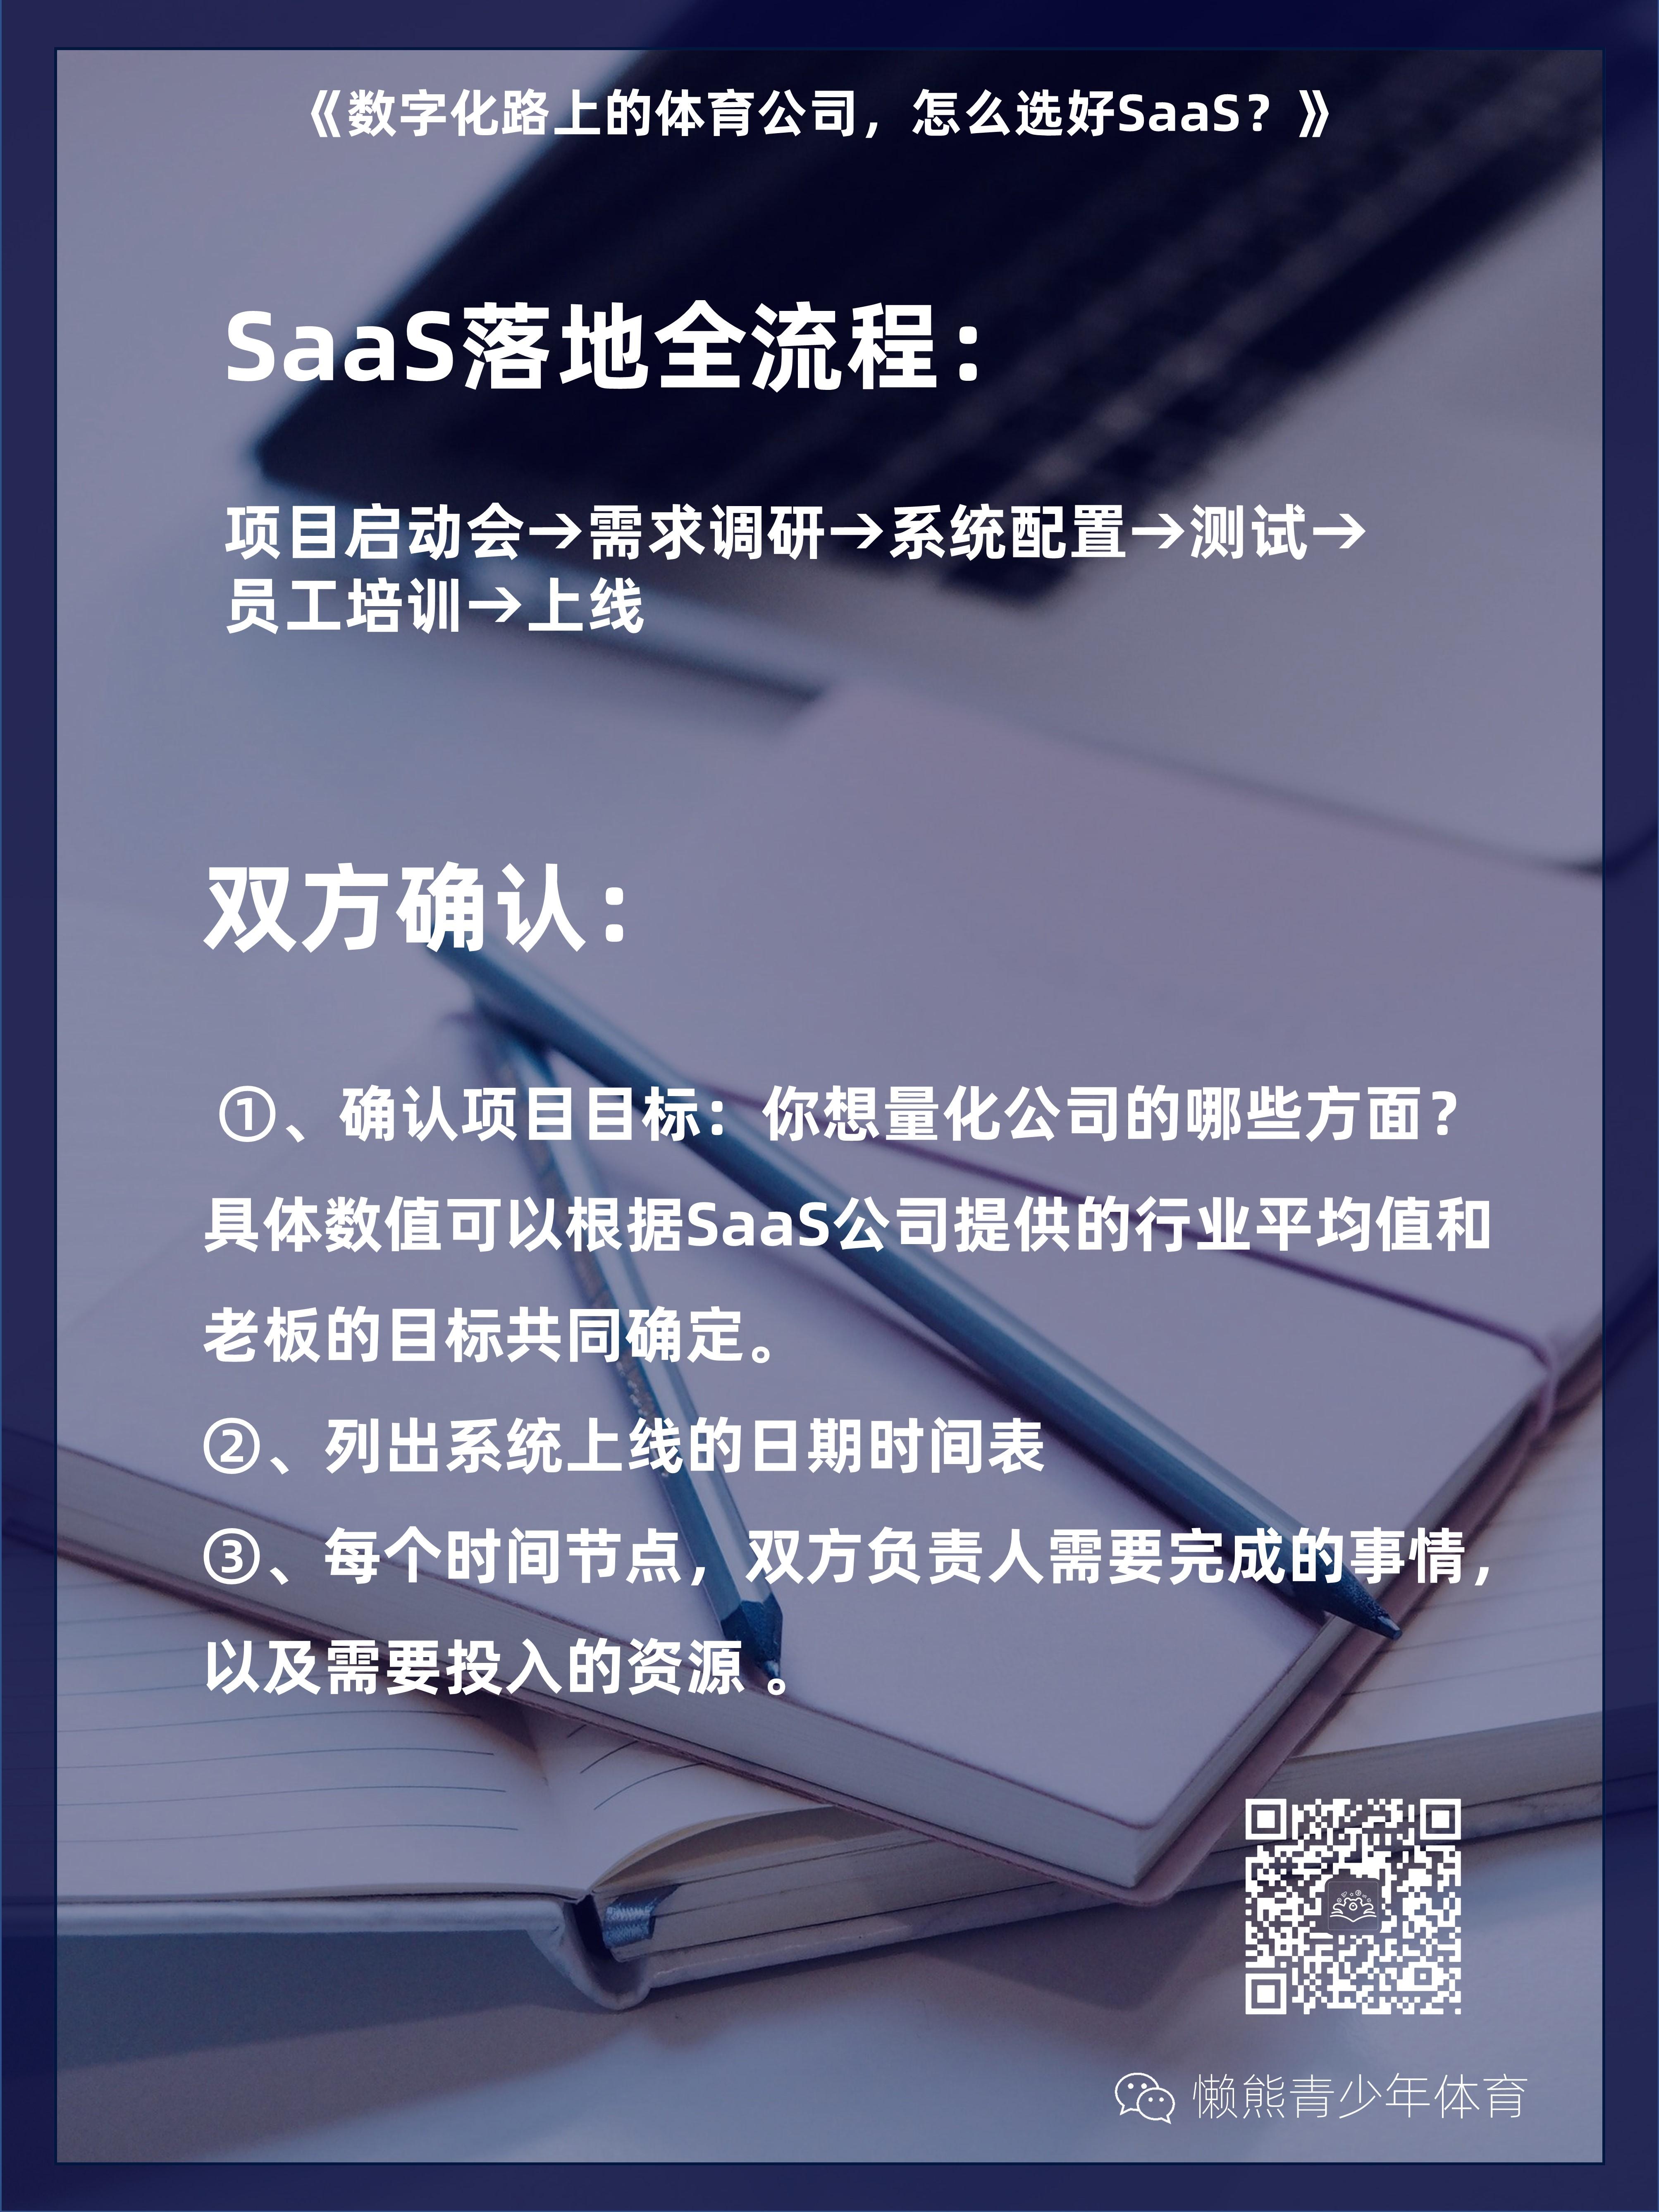 数字化路上的体育公司,怎么选好SaaS?